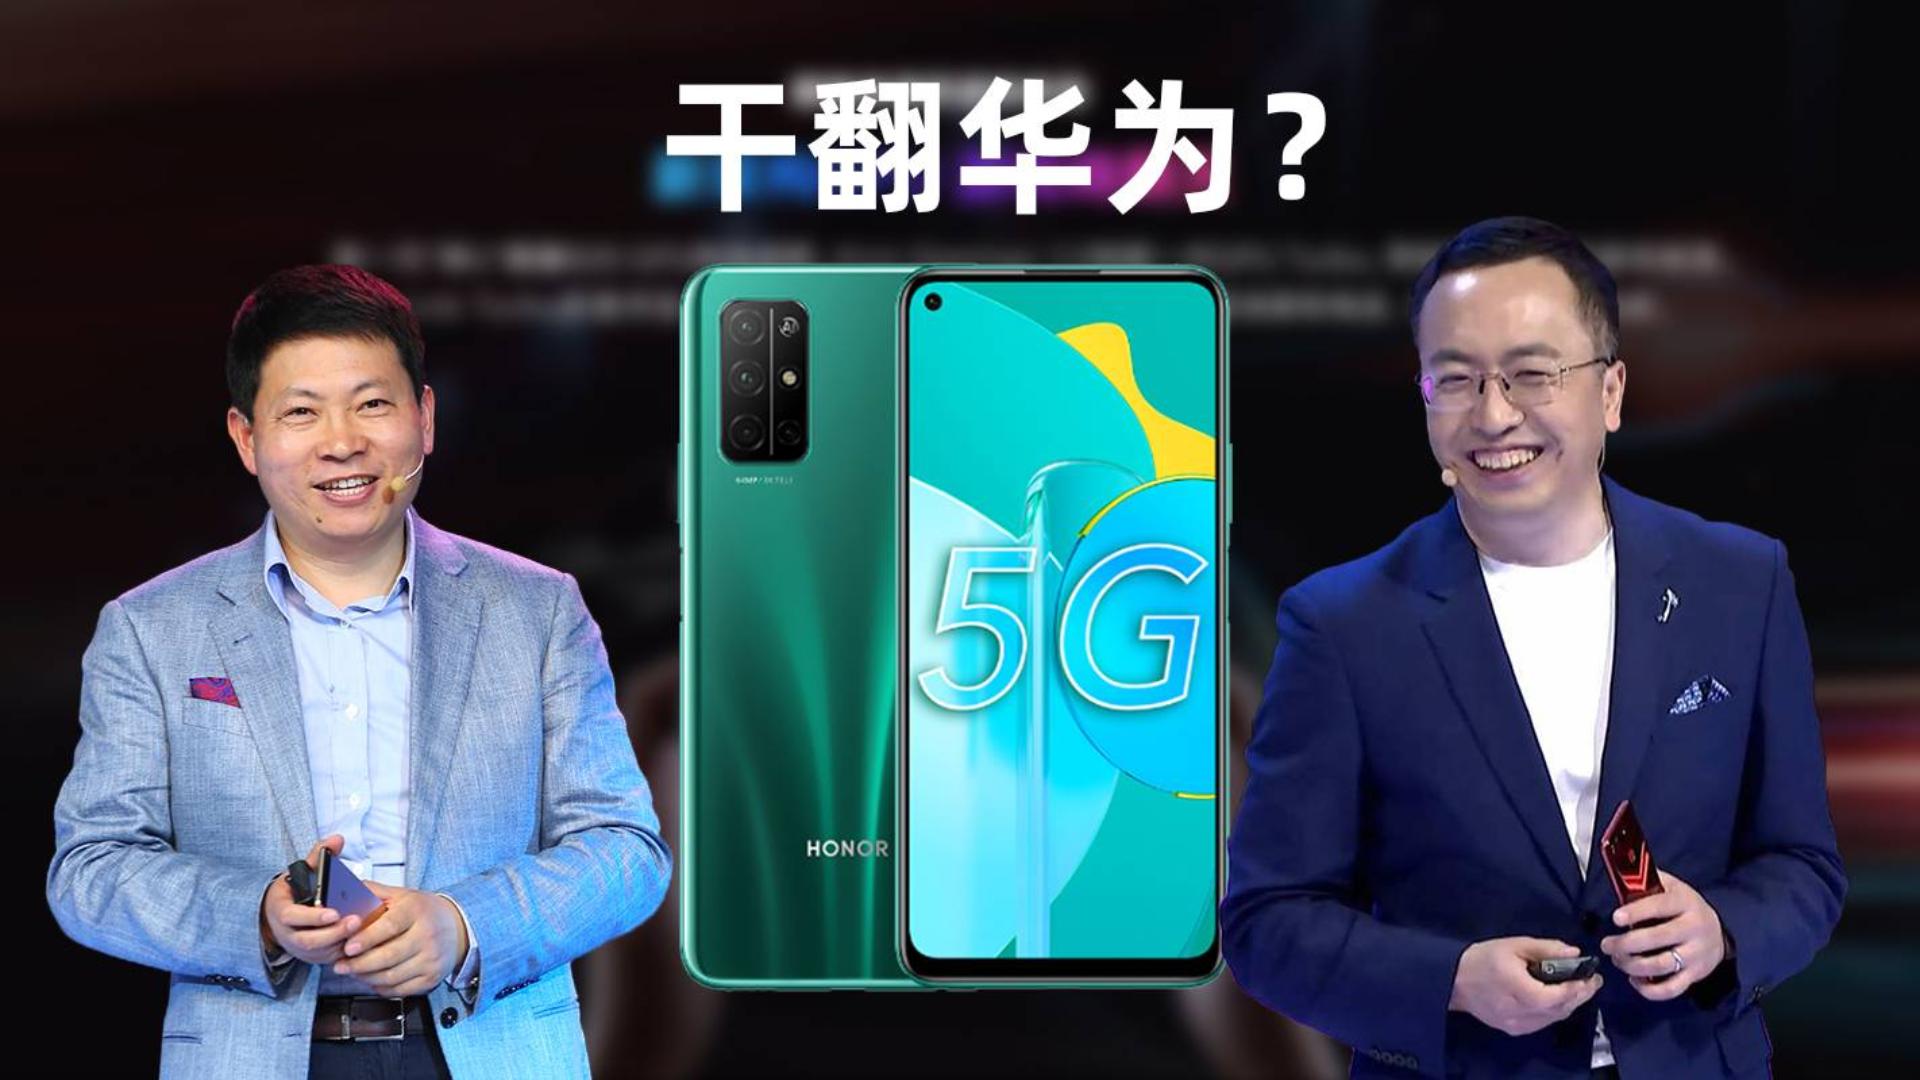 【E场发布会】荣耀30S:买麒麟820充电头送手机?